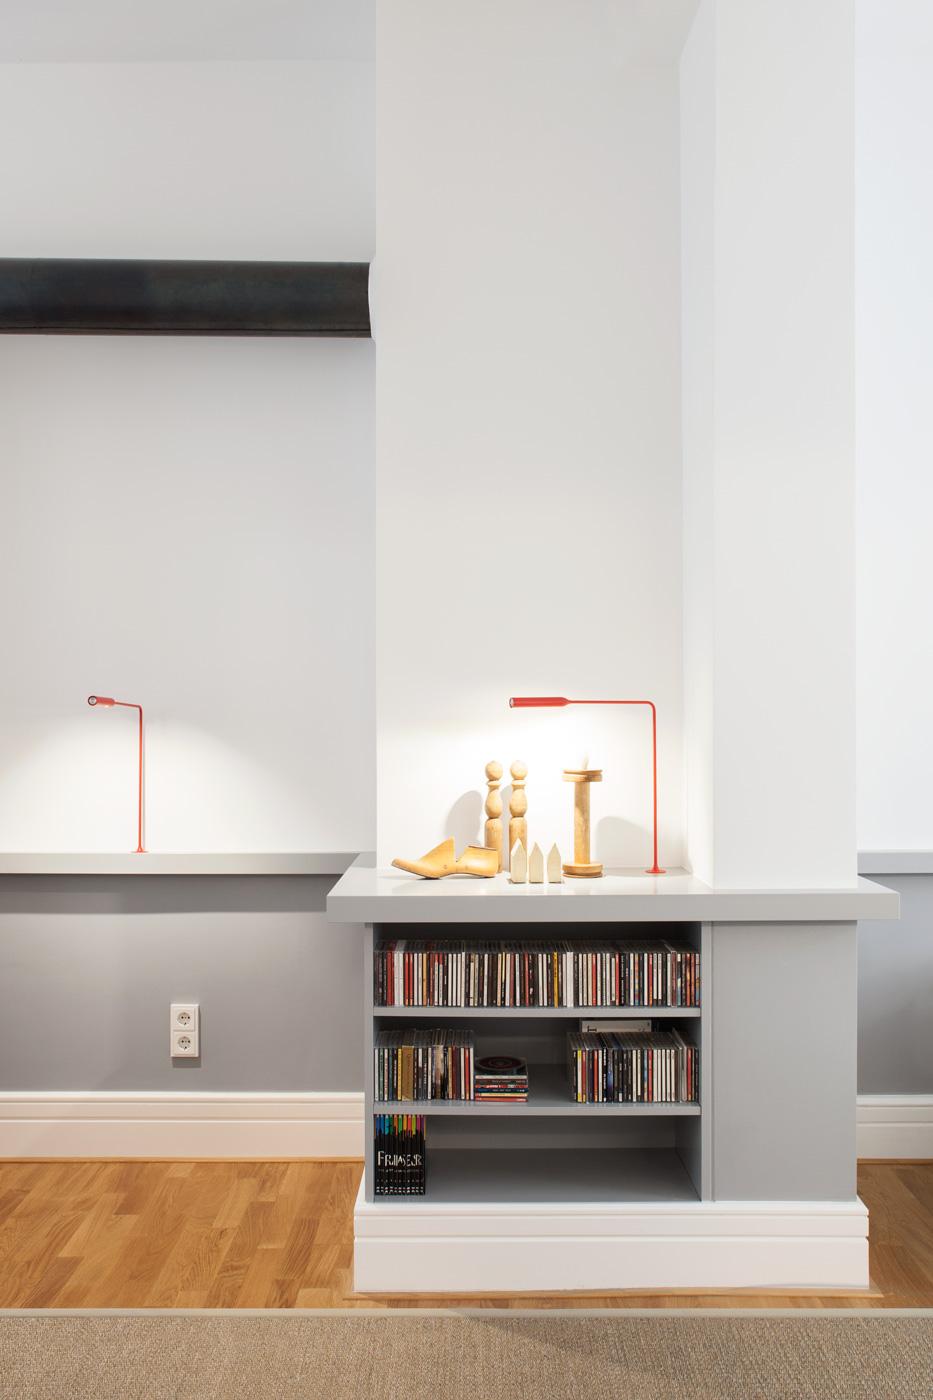 wohnung frankfurt buero weller innenarchitektur. Black Bedroom Furniture Sets. Home Design Ideas